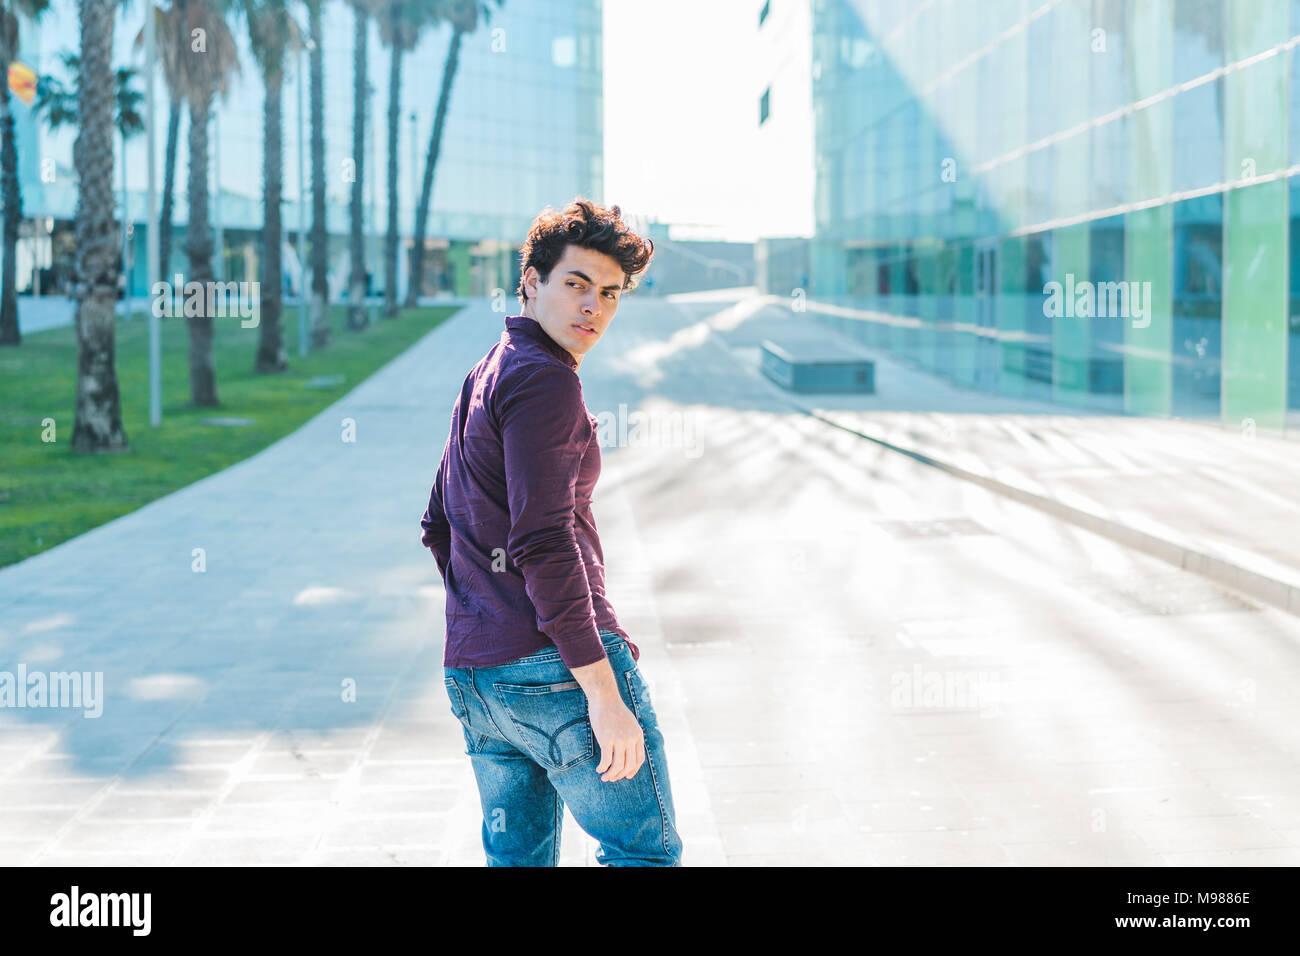 Grave joven caminando en la ciudad, revirtiendo Imagen De Stock